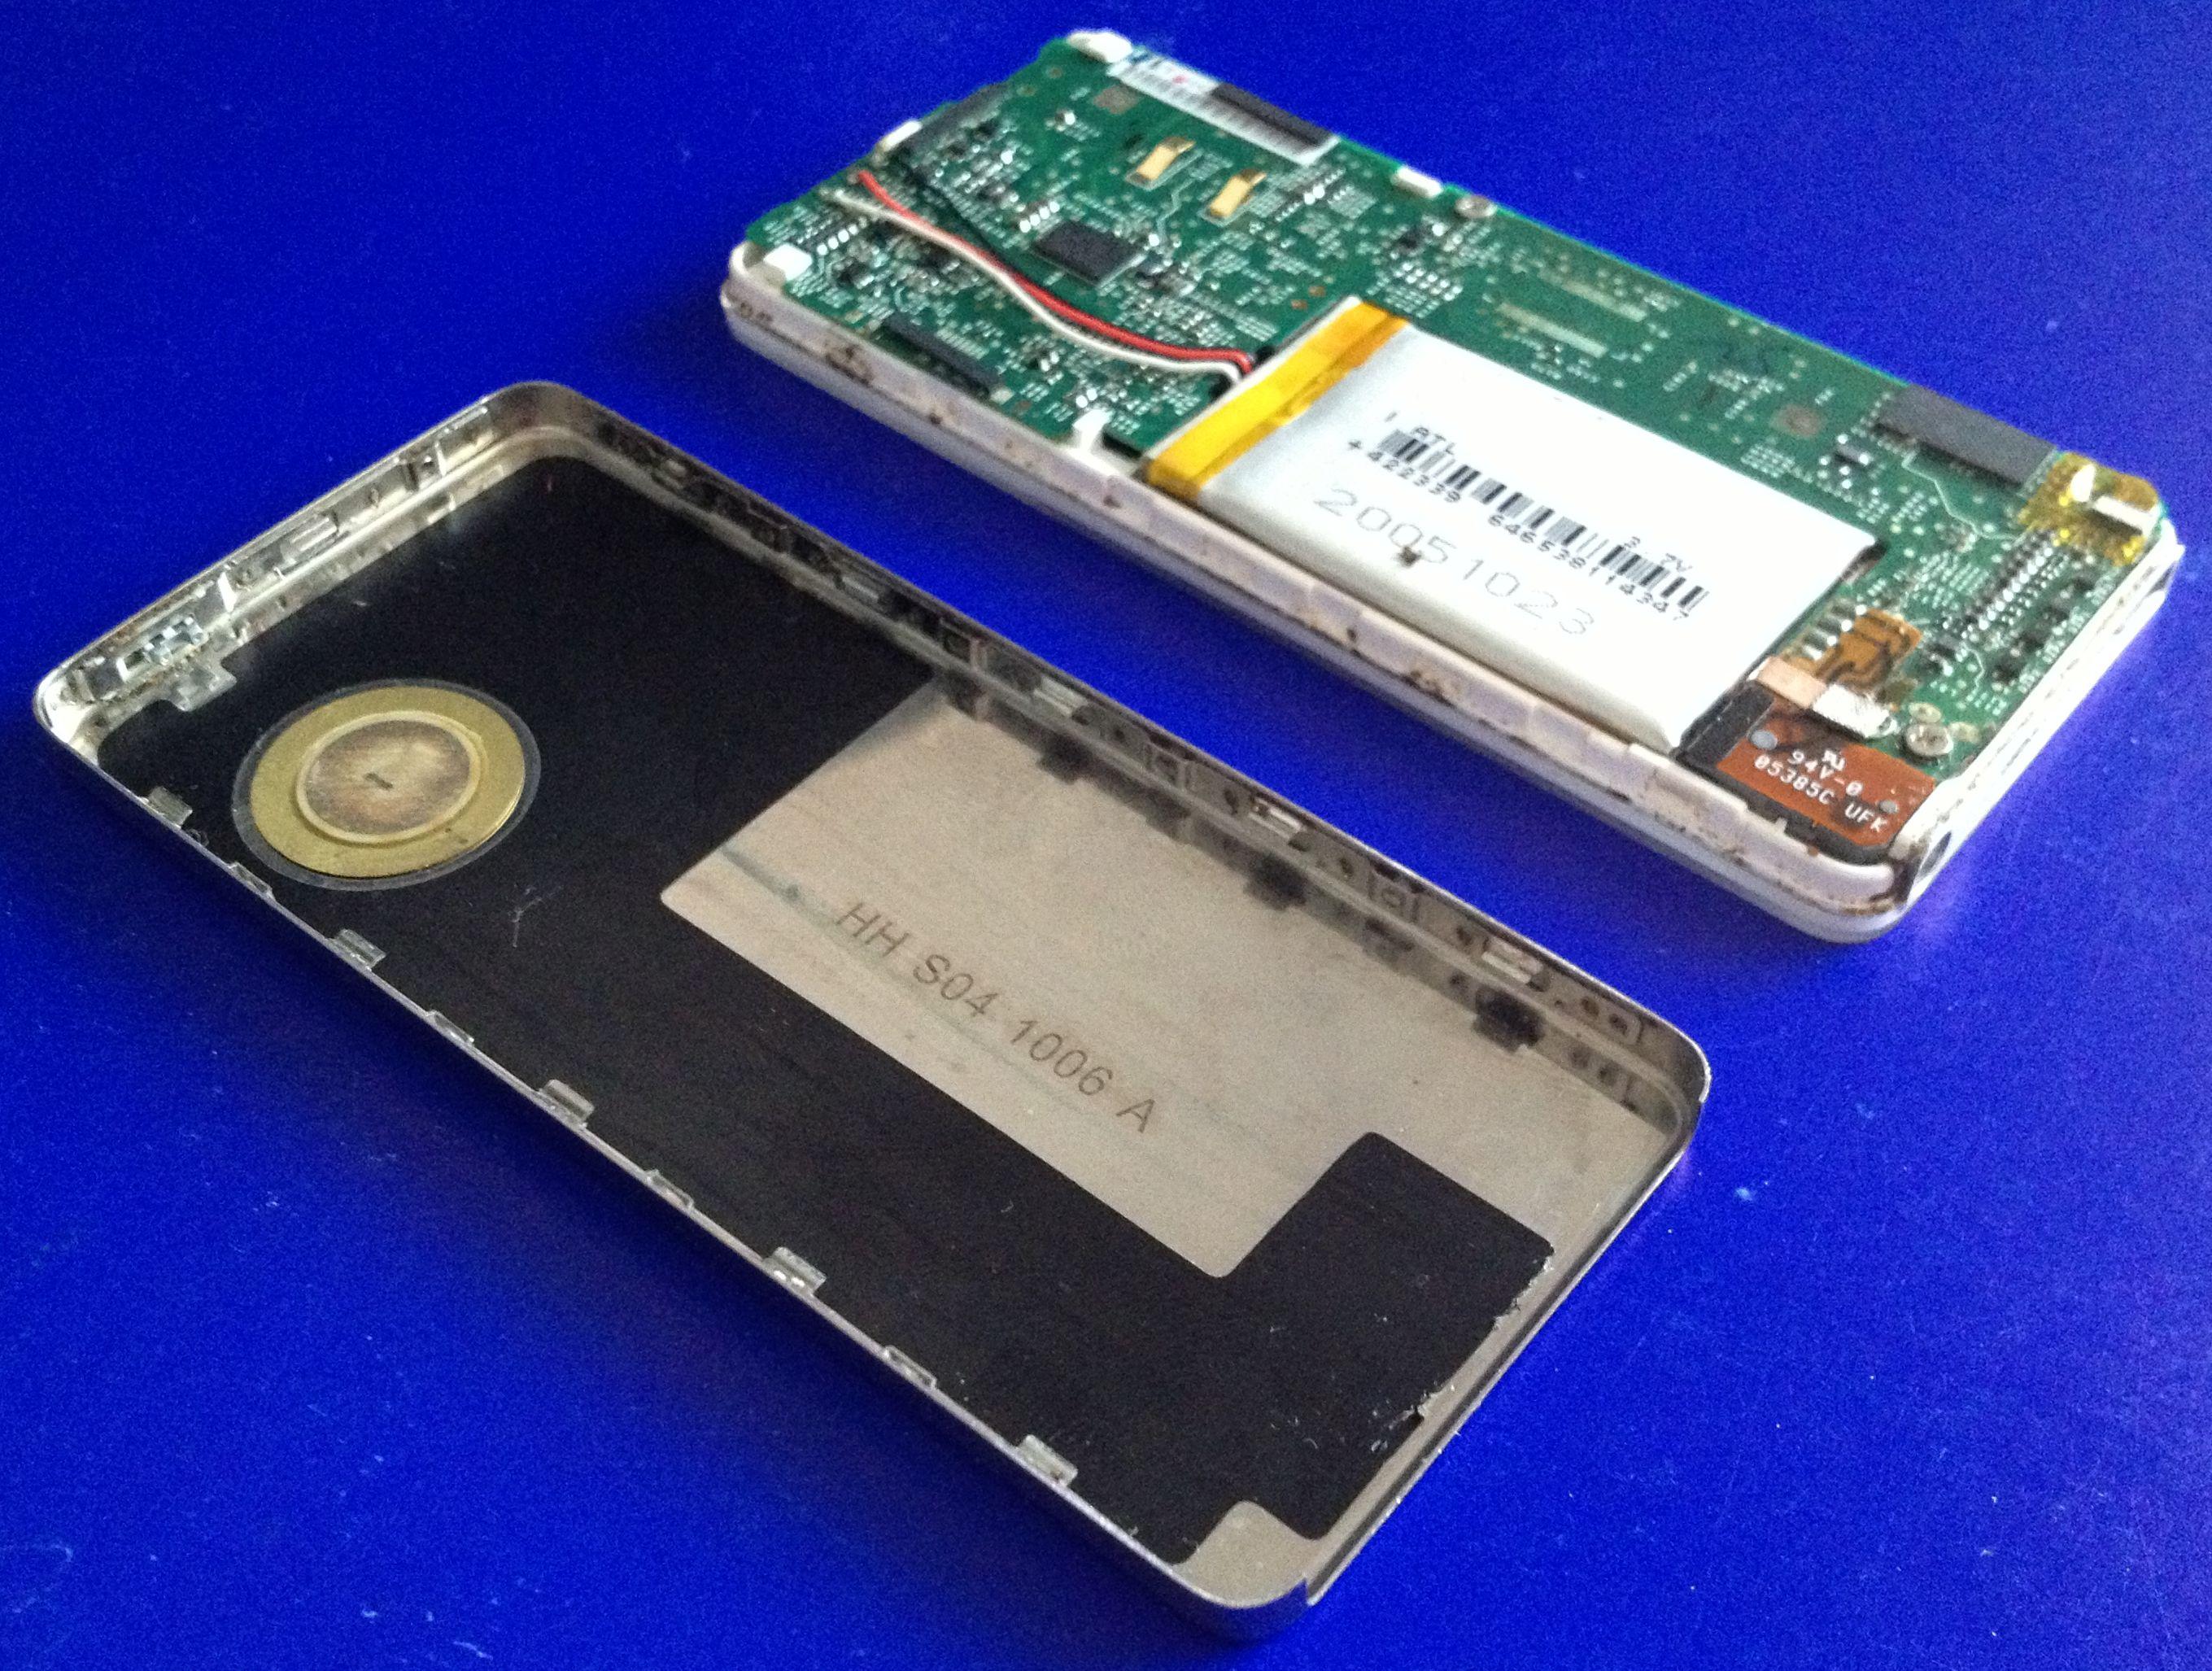 Belkin wireless g usb network adapter f5d7050b